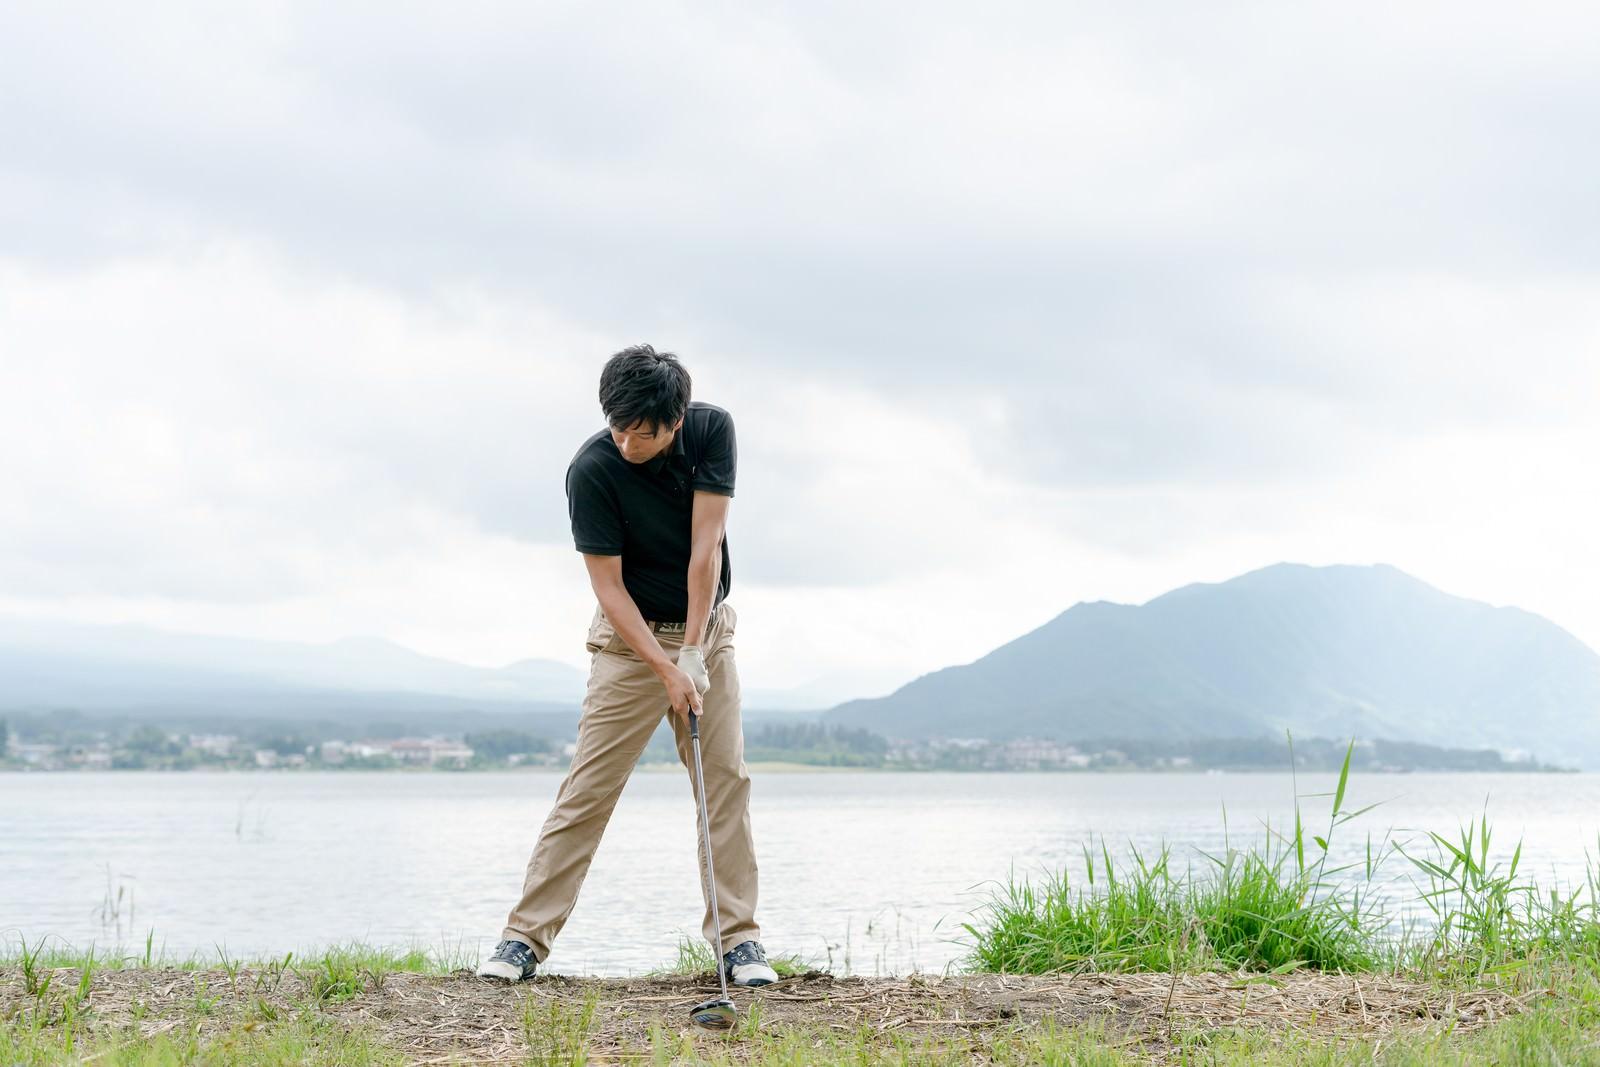 「ゴルファーのインパクトの瞬間」の写真[モデル:サカモトリョウ]